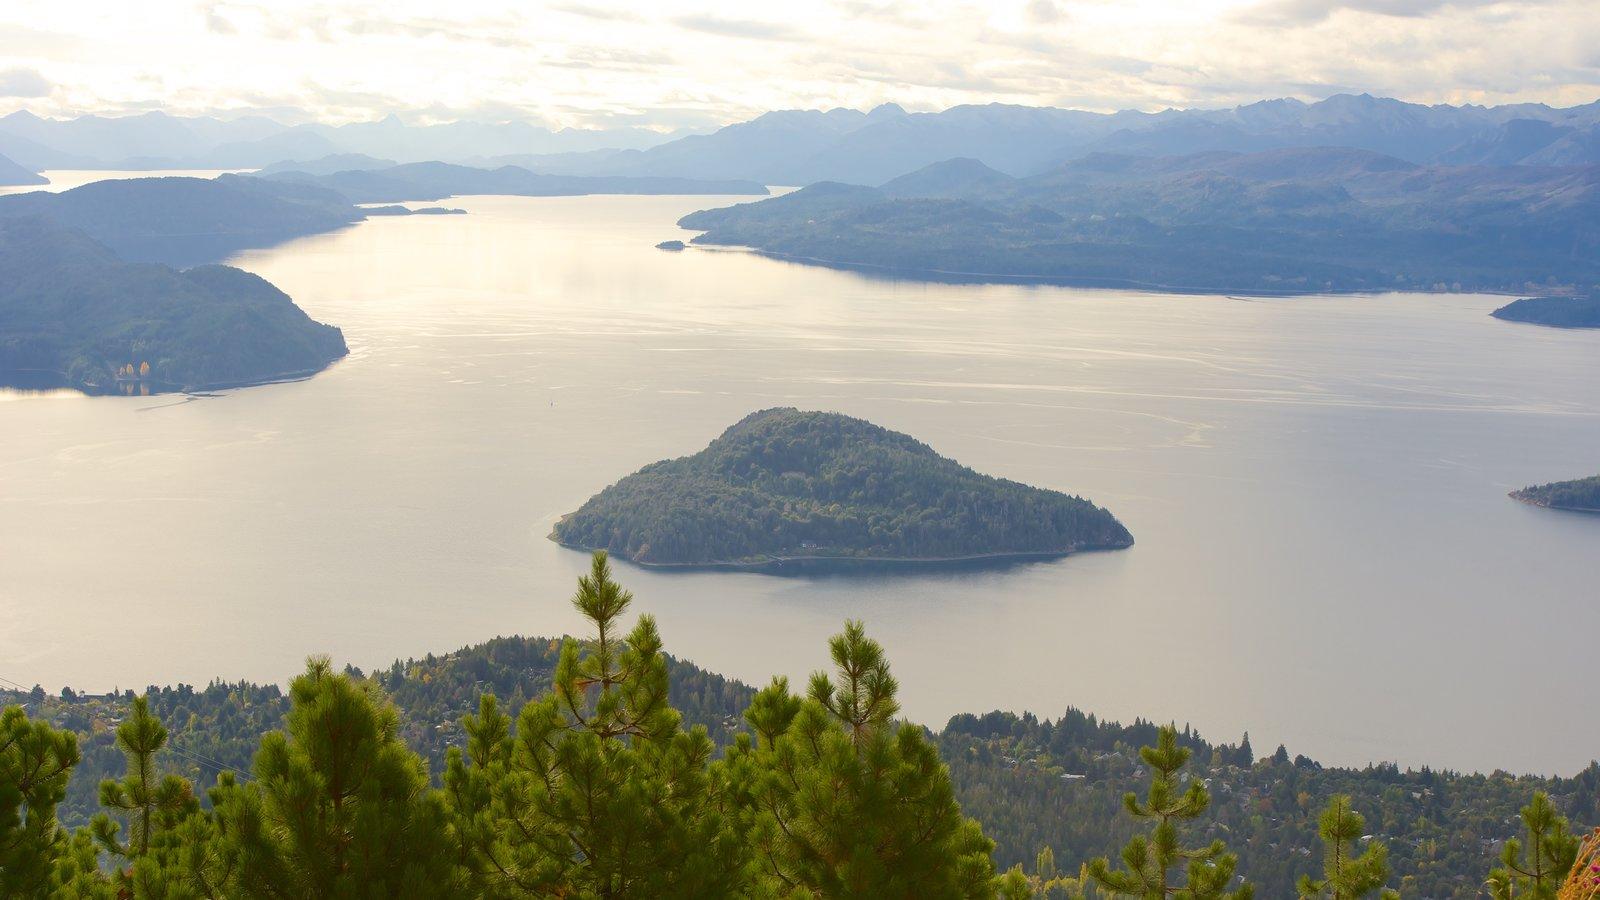 Cerro Otto caracterizando um lago ou charco, cenas tranquilas e paisagem